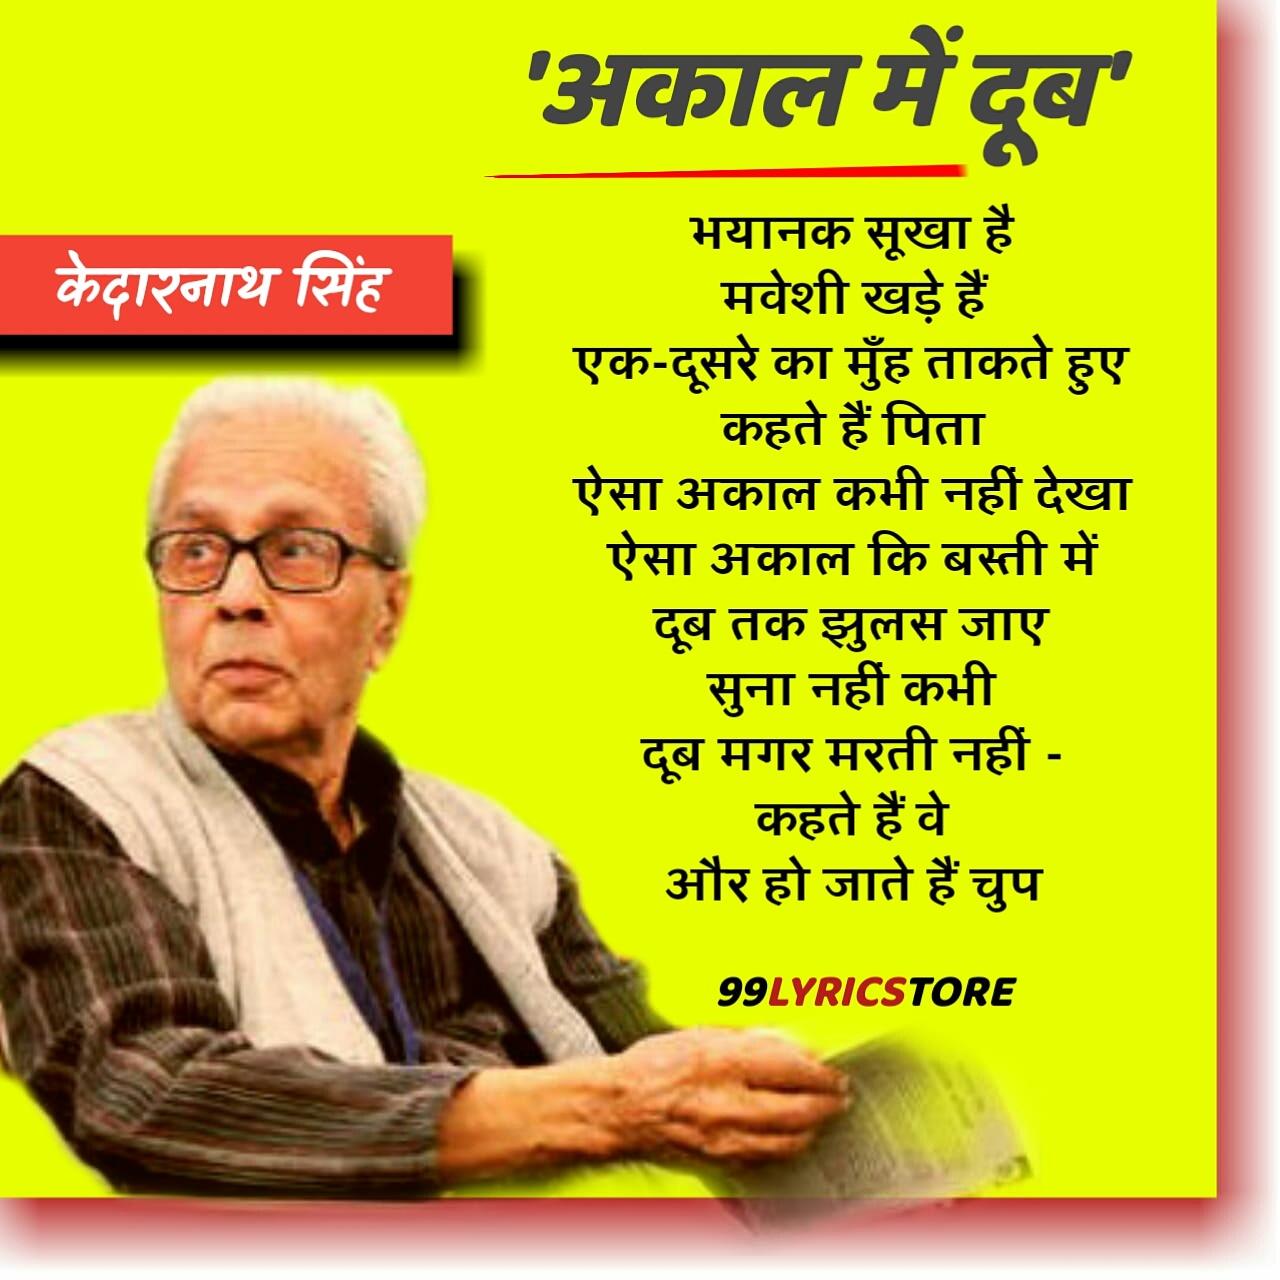 ' अकाल में दूब ' कविता केदारनाथ सिंह जी द्वारा लिखी गई एक हिन्दी कविता है।